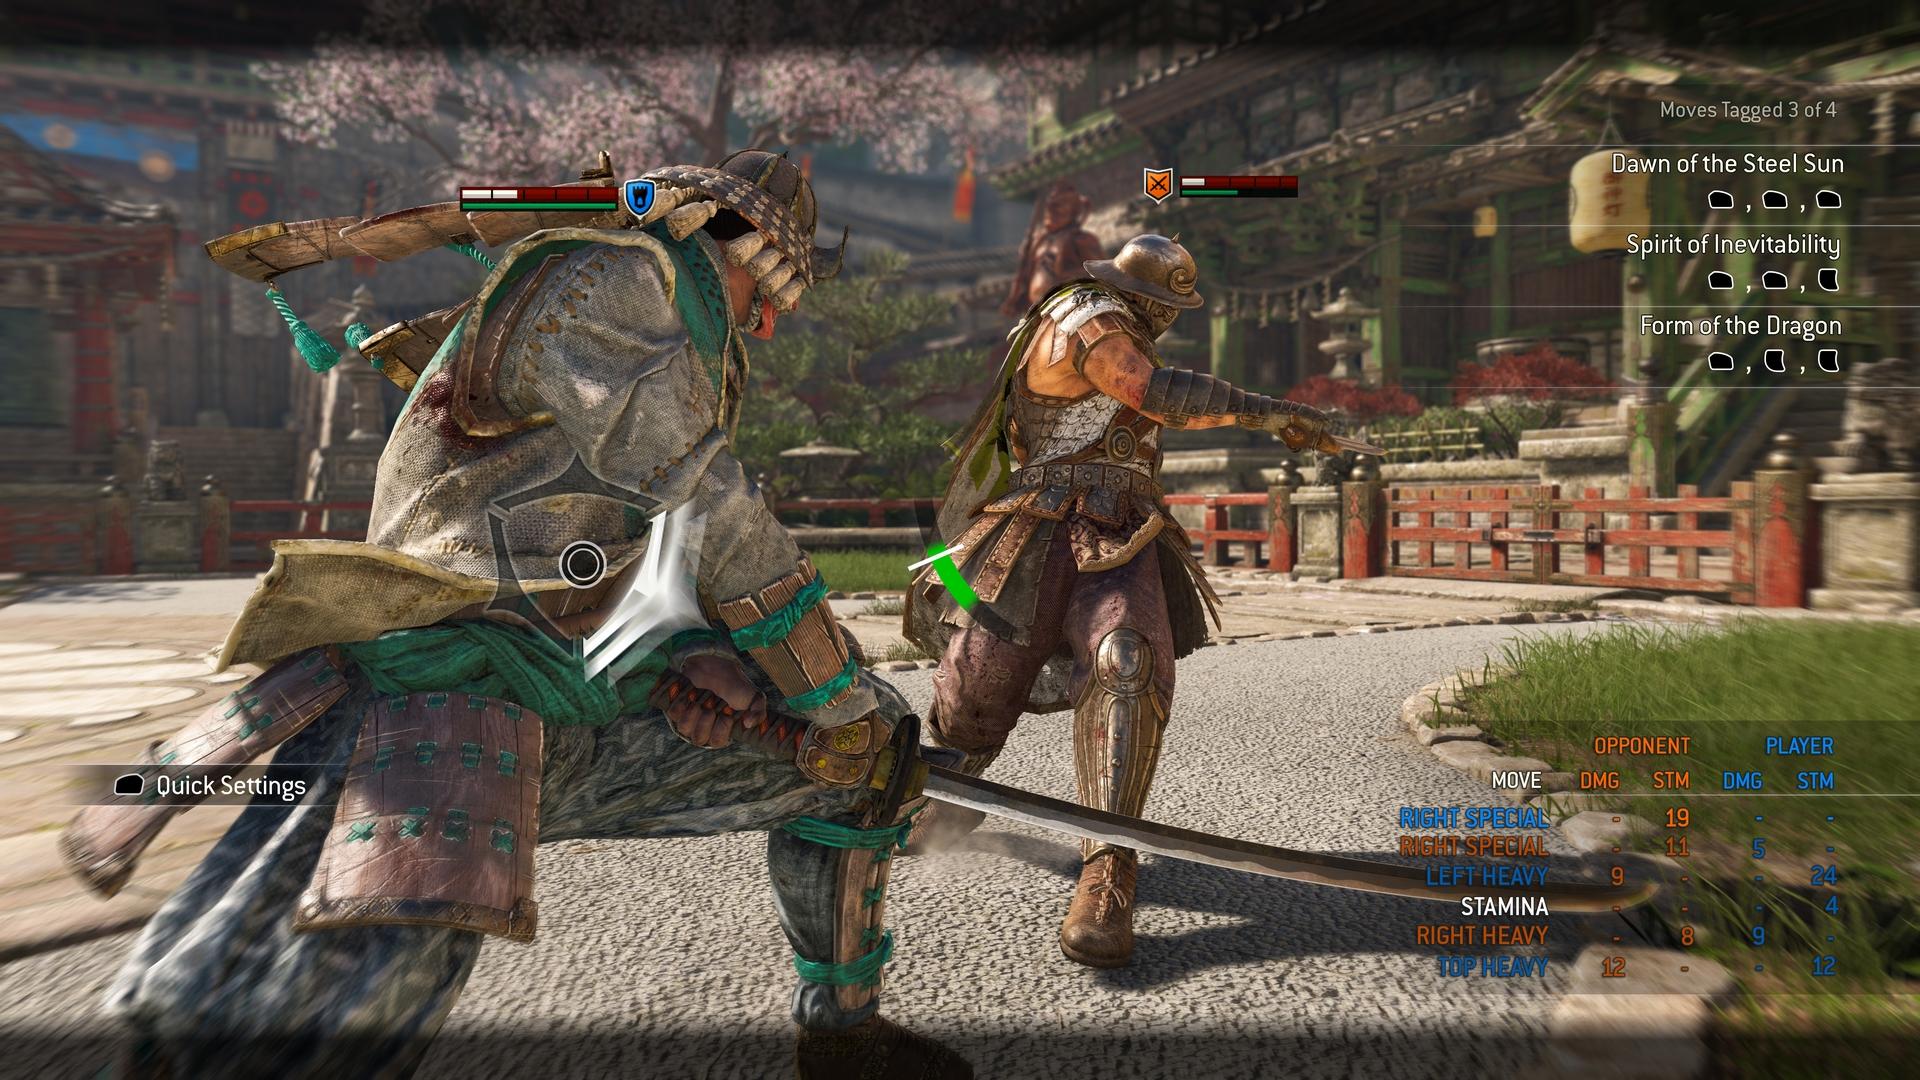 Les nouveaux Modes Entrainement de For Honor arrivent demain — Ubisoft Entertainment